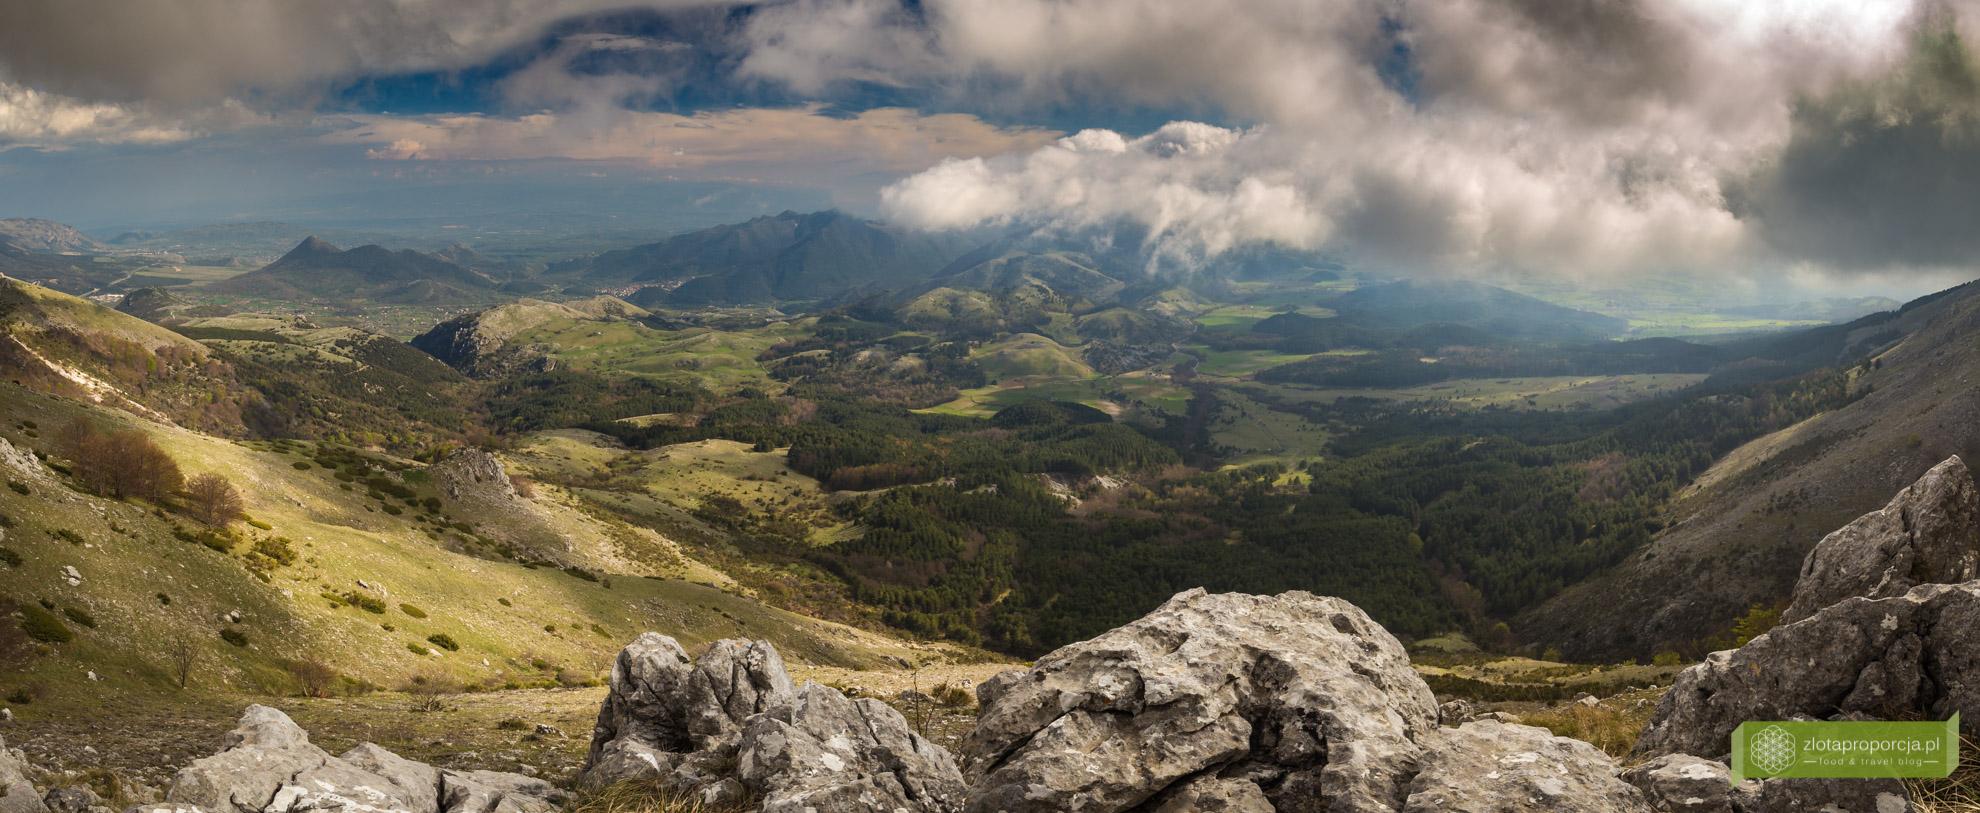 Bazylikata, atrakcje Bazylikaty, Pollino, góry Pollino